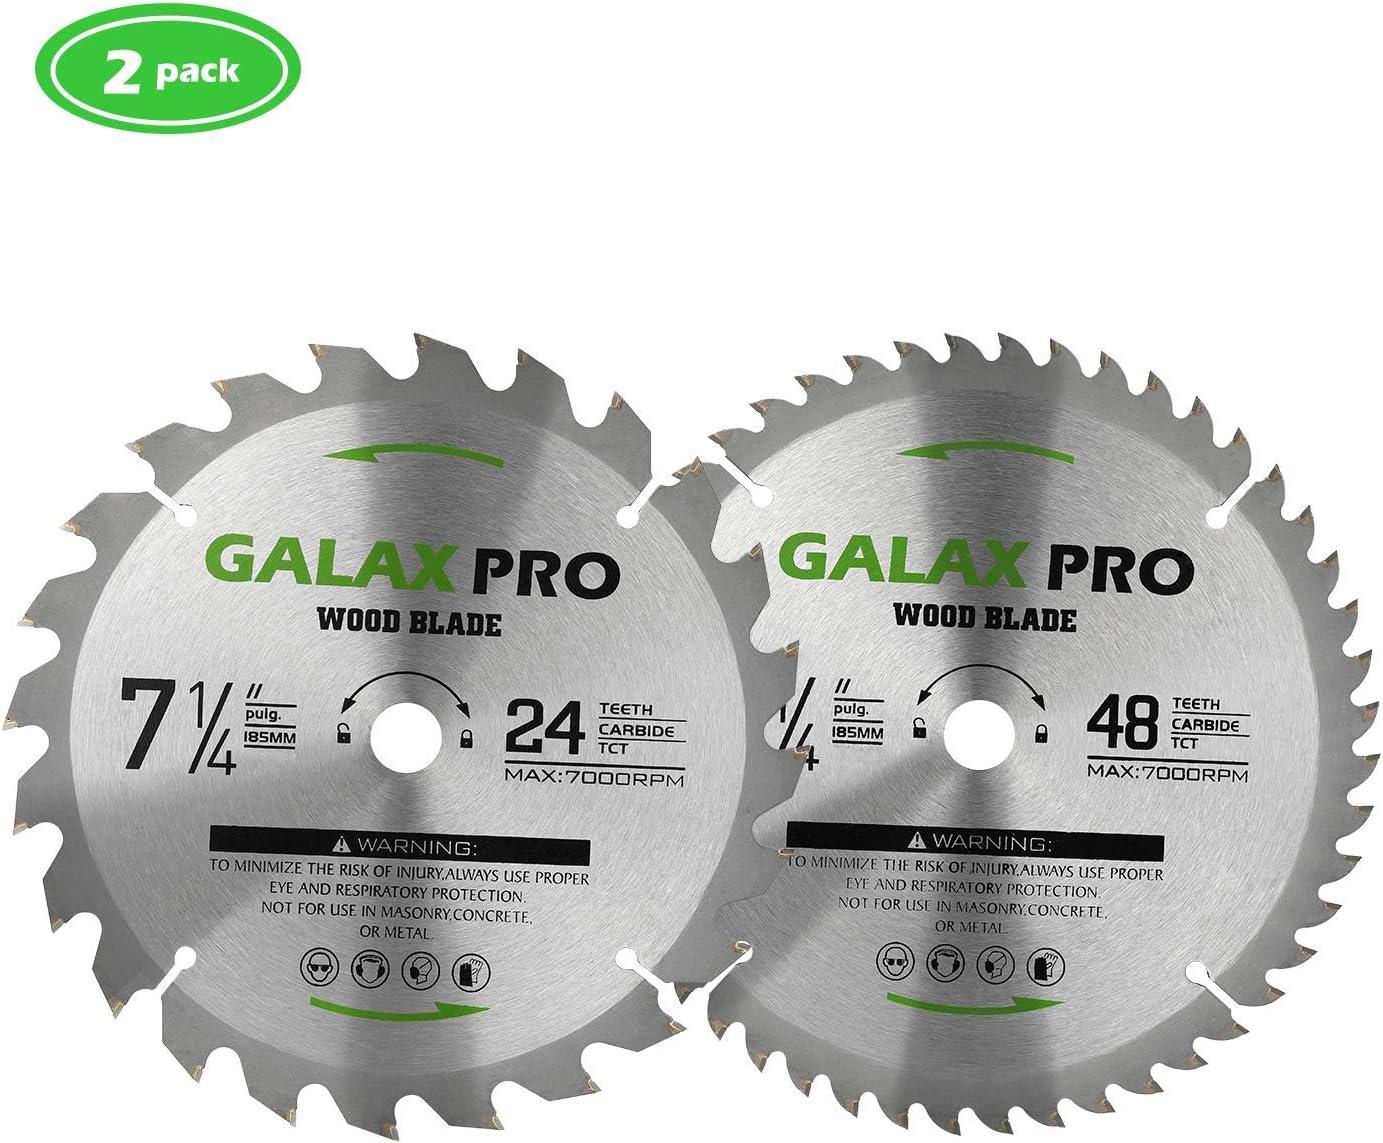 GALAX PRO Hoja de Sierra Circular 24tTCT*1, 48tTCT*1, Para cortar madera, 185mm*20mm(pack de 2)